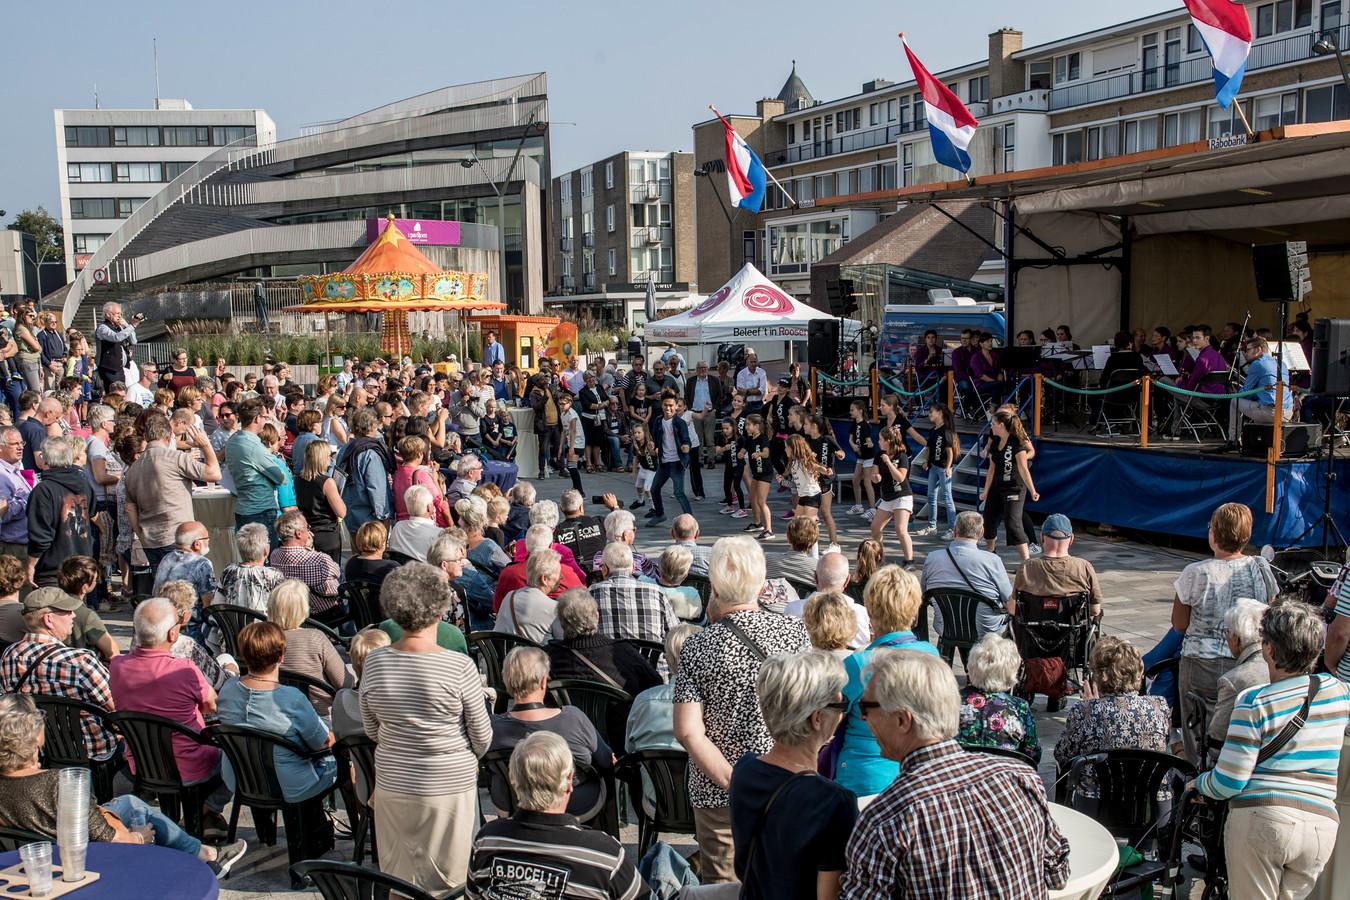 Aandacht voor Roosendaal Danst met een flashmob.